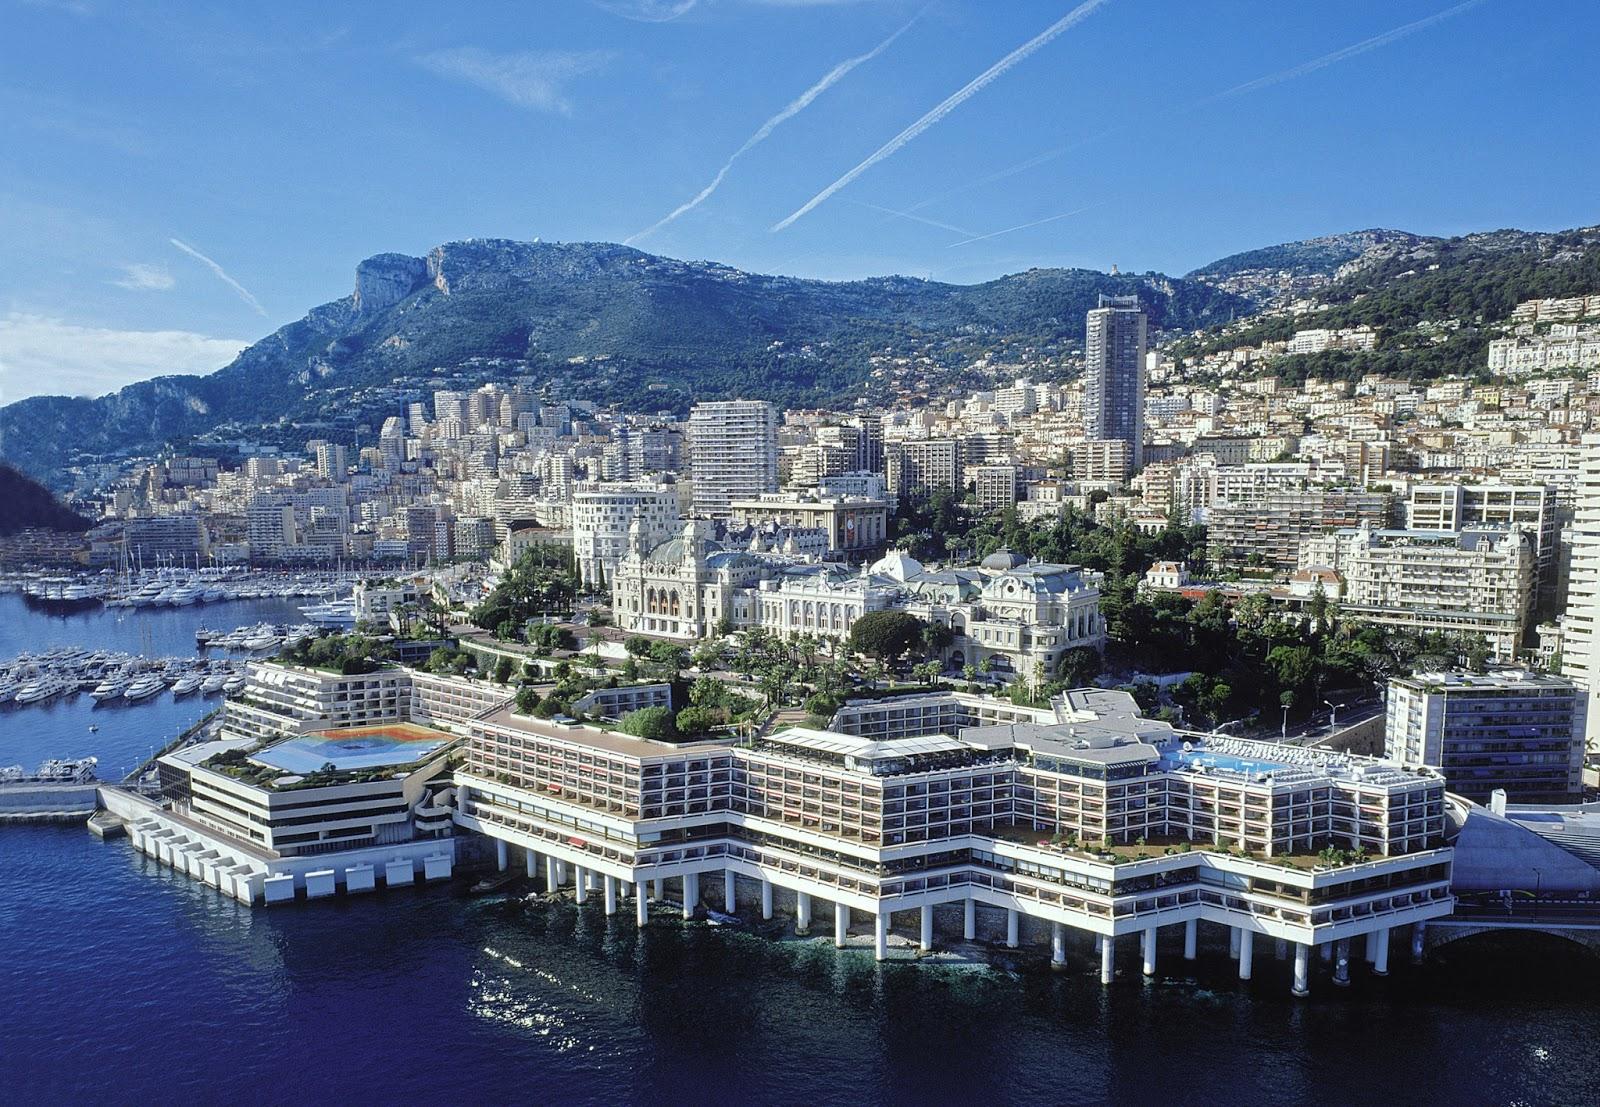 Grand Hotel Monte Carlo